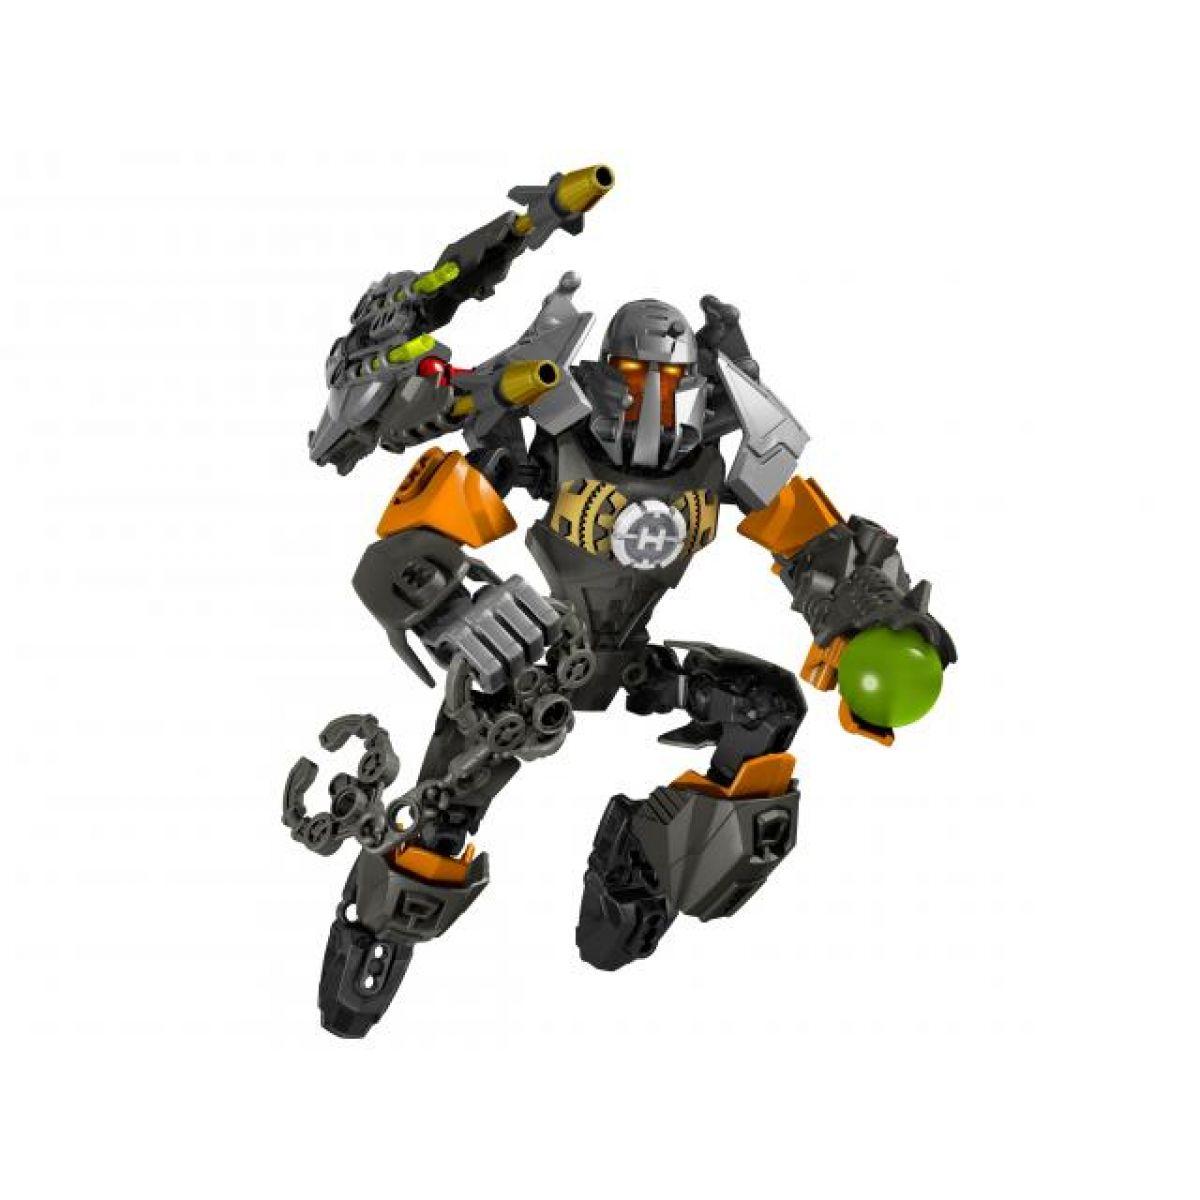 LEGO 6223 Hero Factory Bulk #2